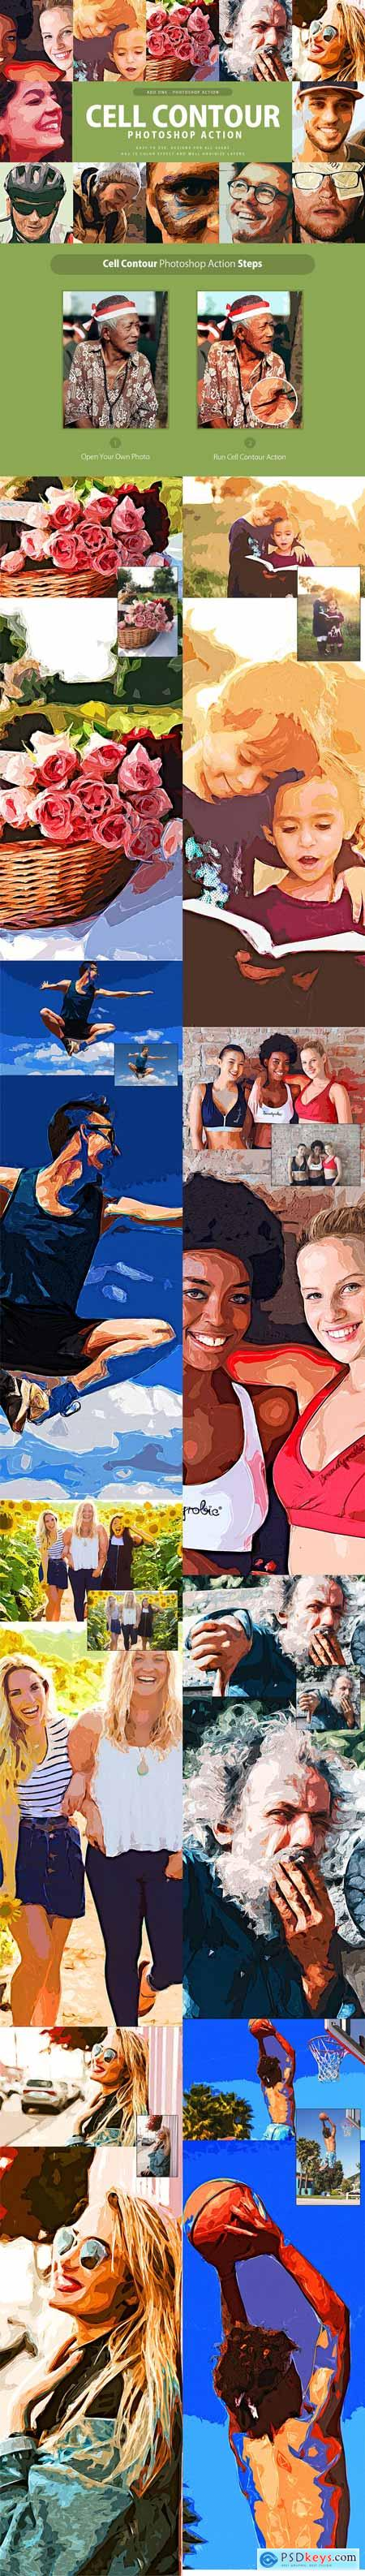 Cell Contour Photoshop Action 3315973